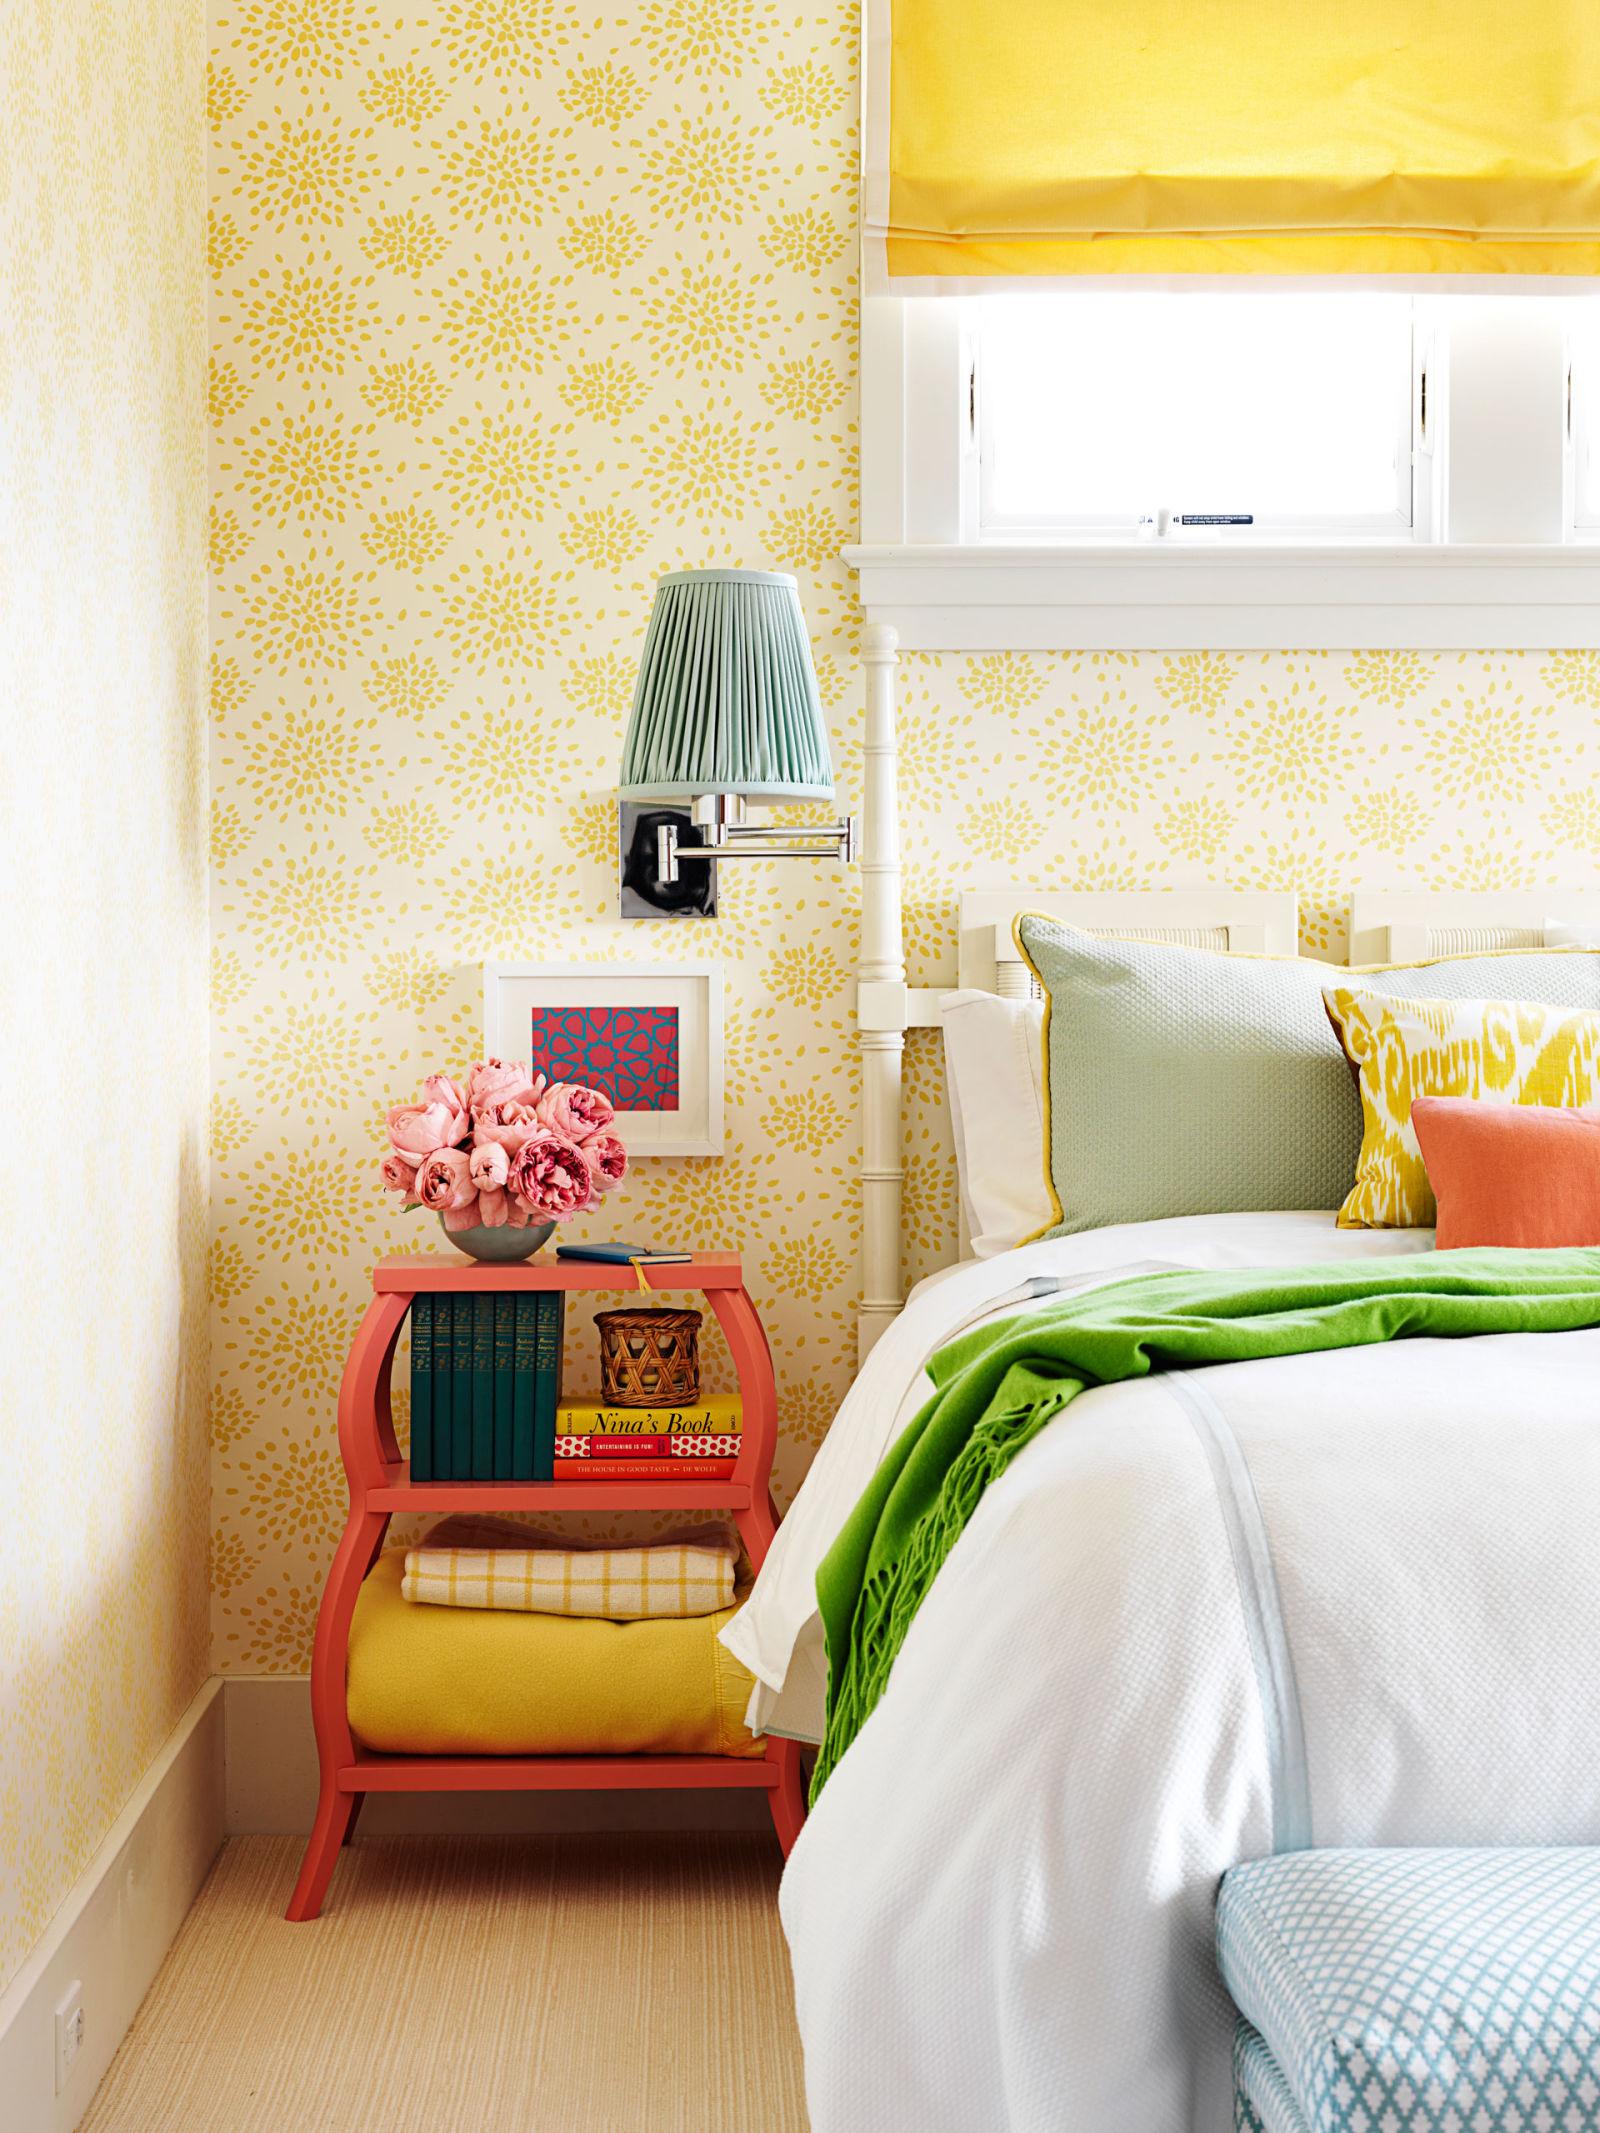 Bedroom Decor Essentials guest bedroom decor ideas - guest room essentials